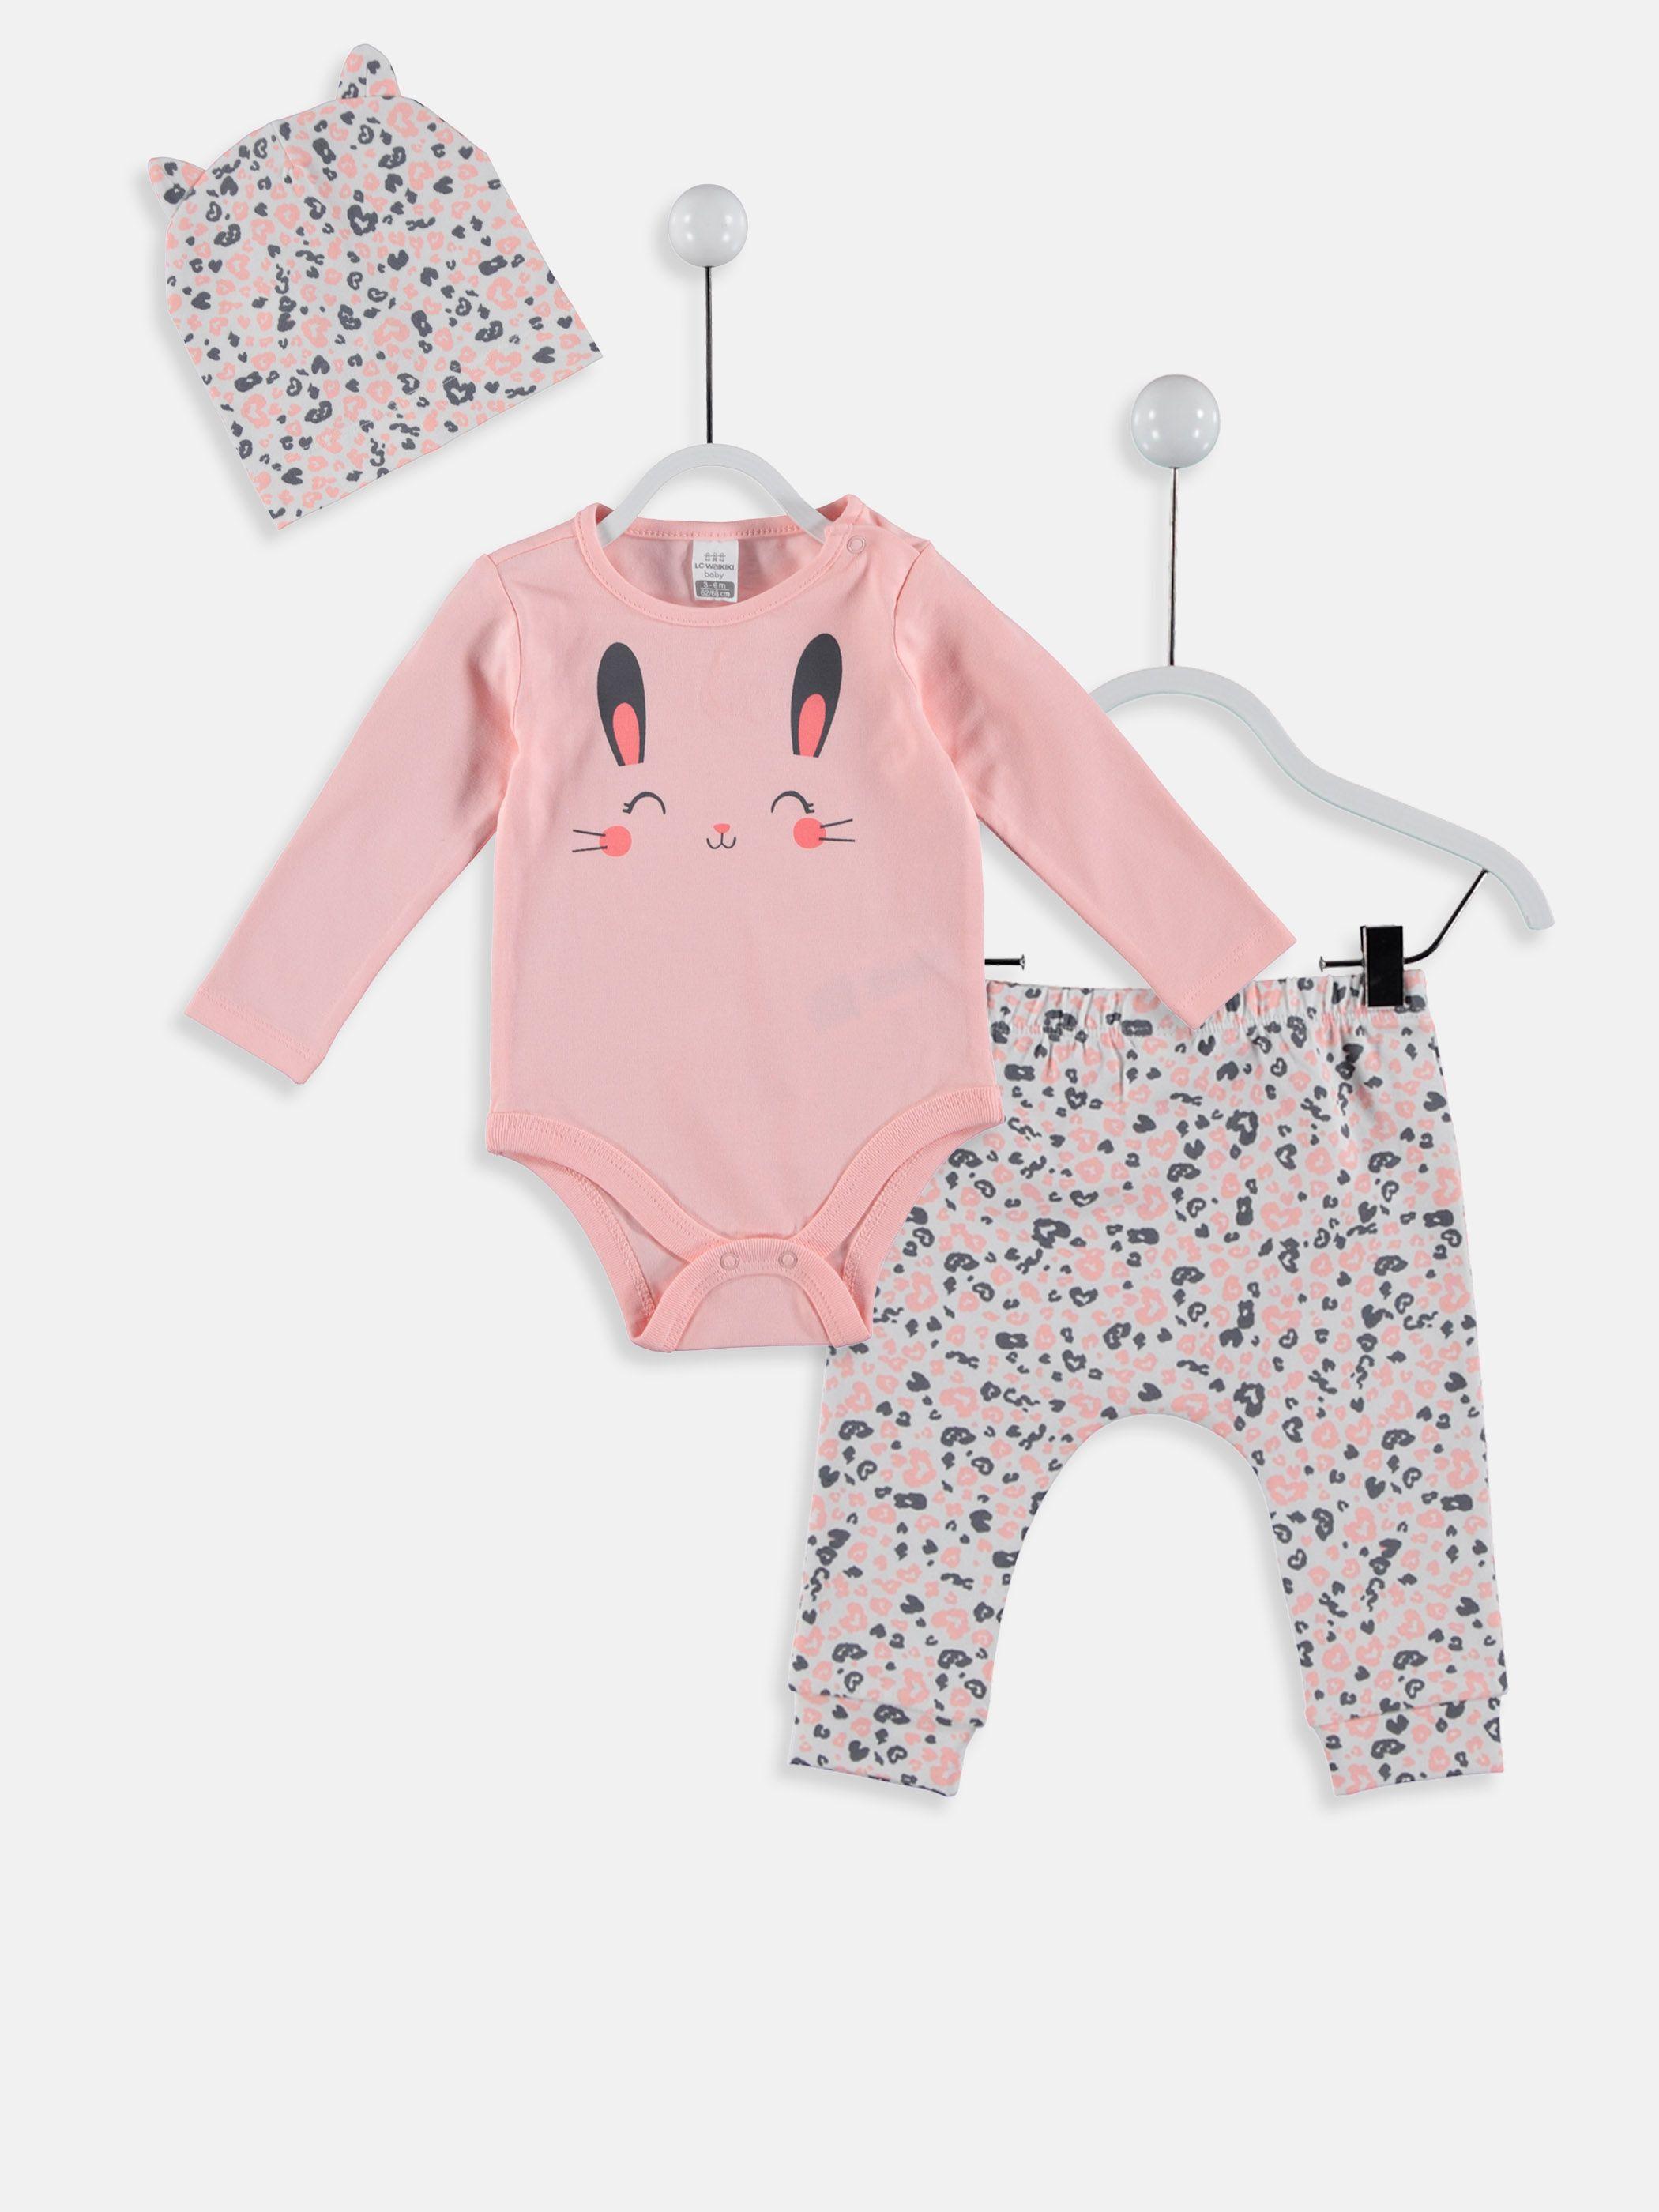 bcd6d376029b Kız Bebek Çıt Çıtlı Body Pantolon ve Bere -8WN261Z1-FXB - LC Waikiki Baby